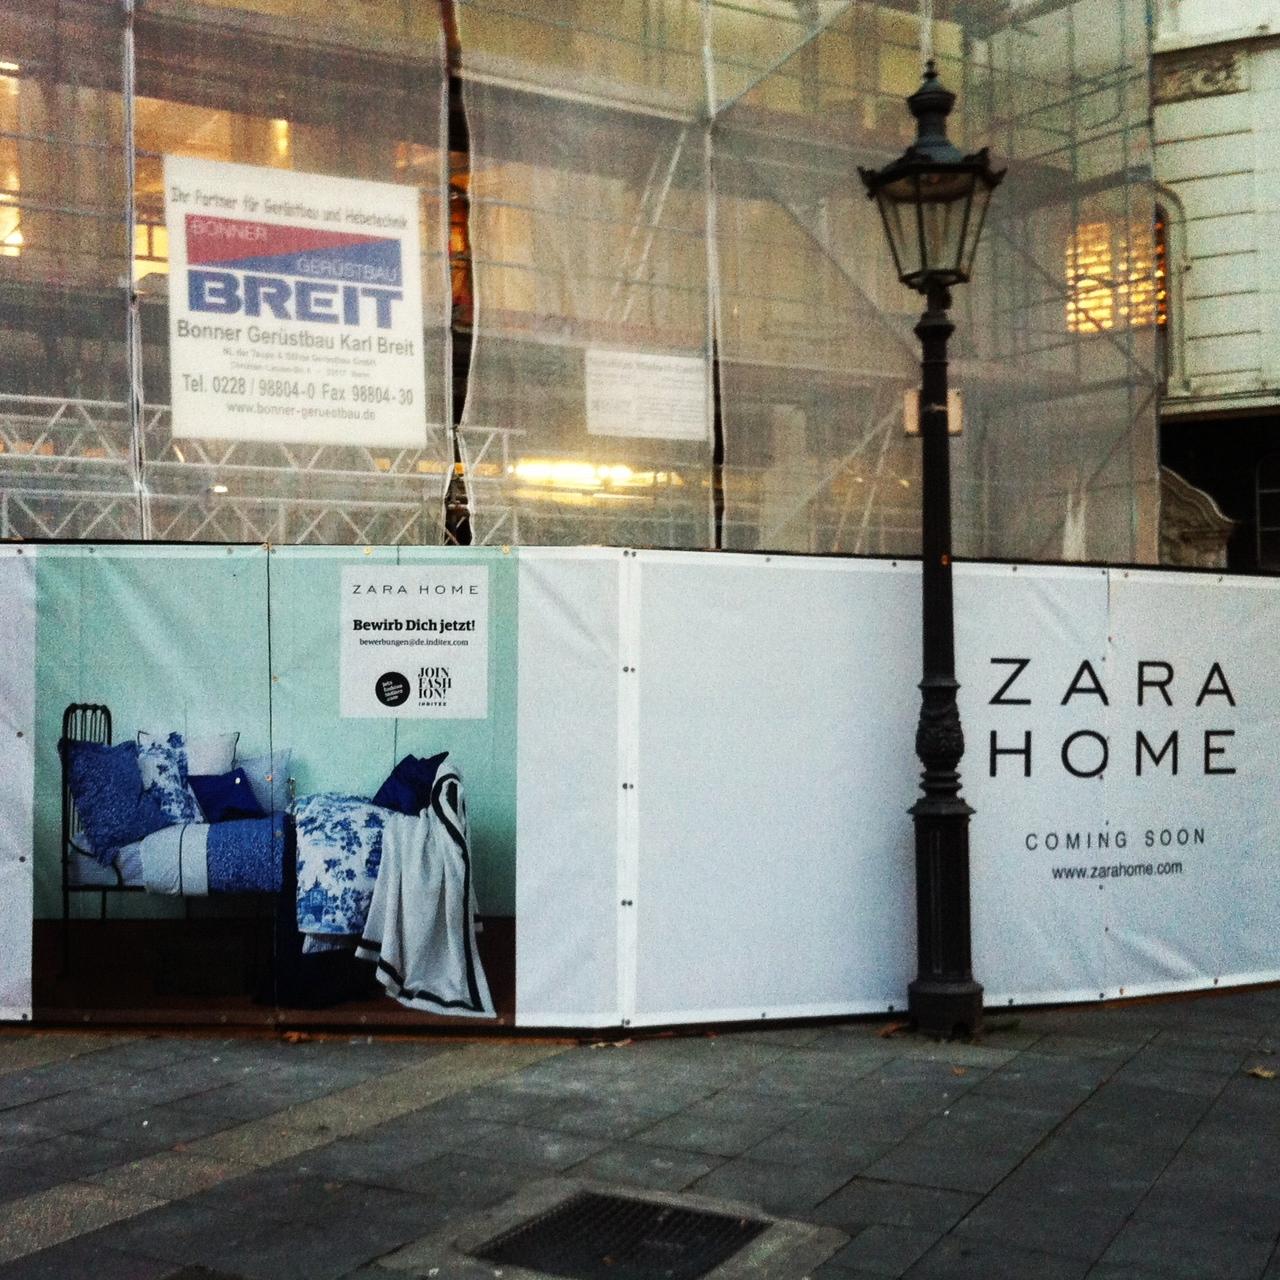 Am Wochenende entdeckt – Bonn vor Köln :) // ZARA Home kommt nach Bonn